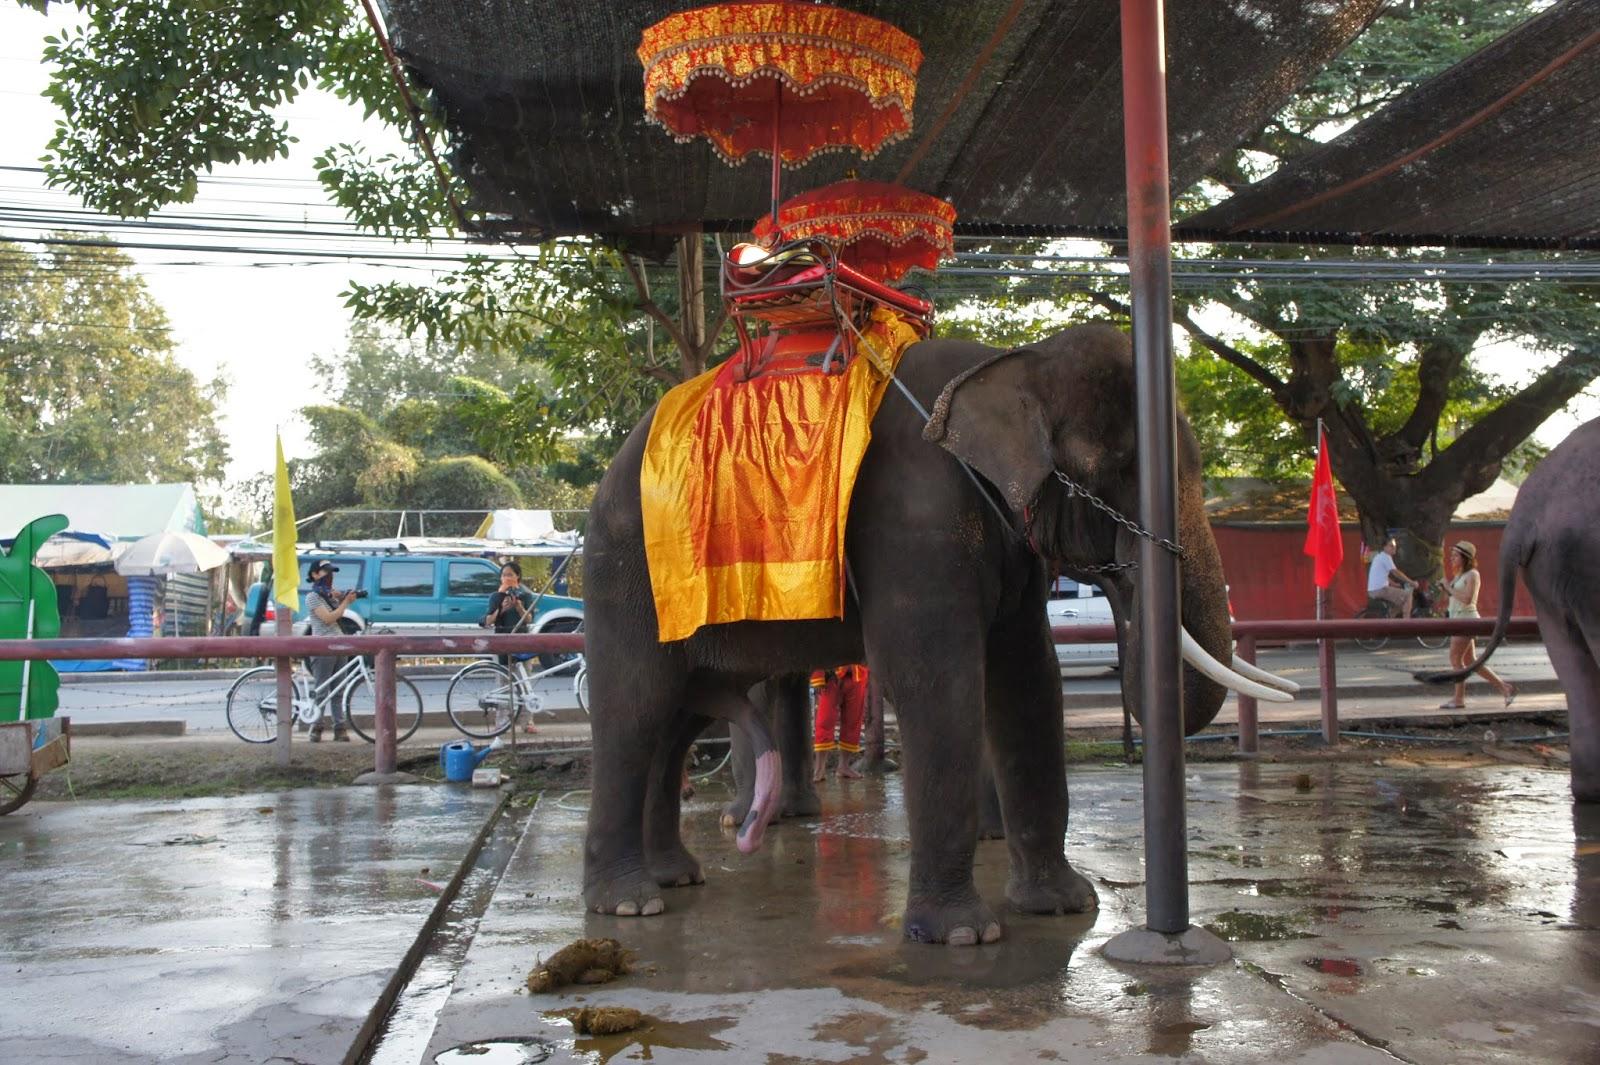 【タイ05】象のような立派なムスコさんを持ちたい!w